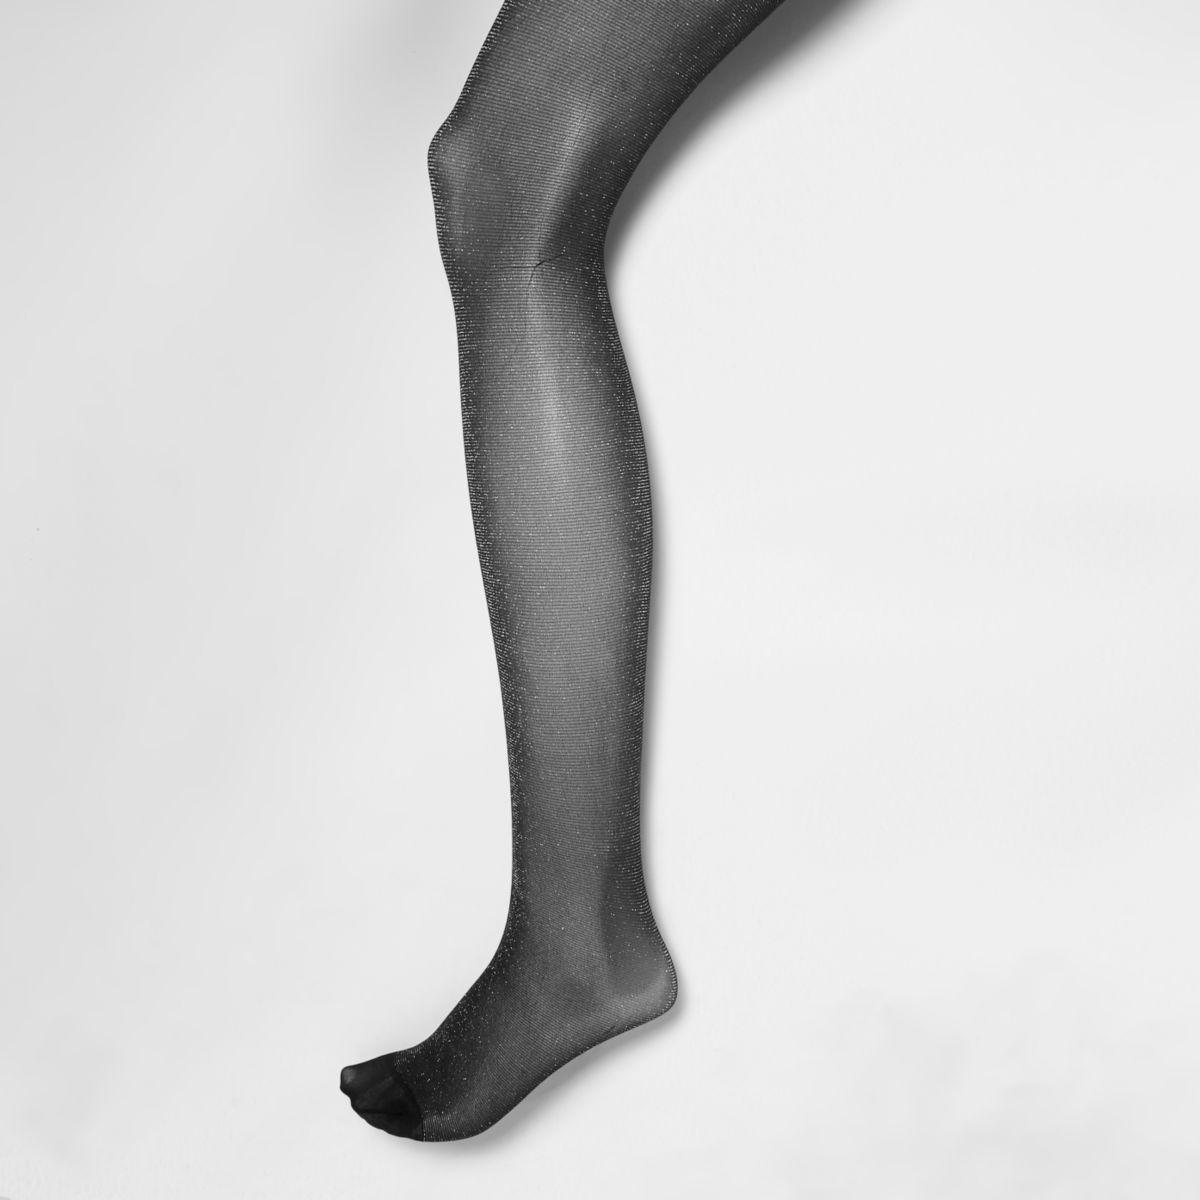 Silver glitter tights